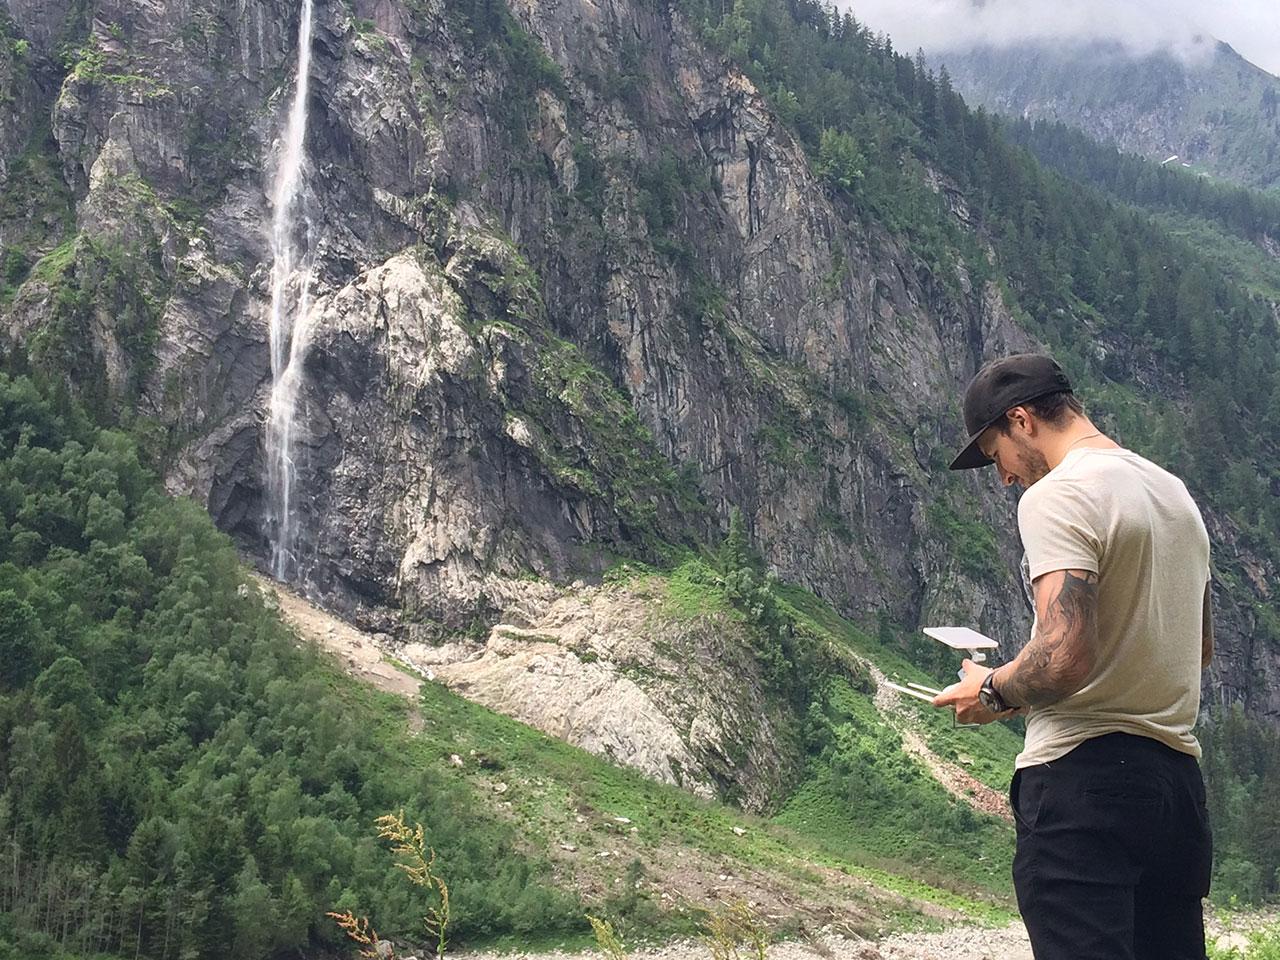 Tom Klocker steuert die Drohne zum Wasserfall.